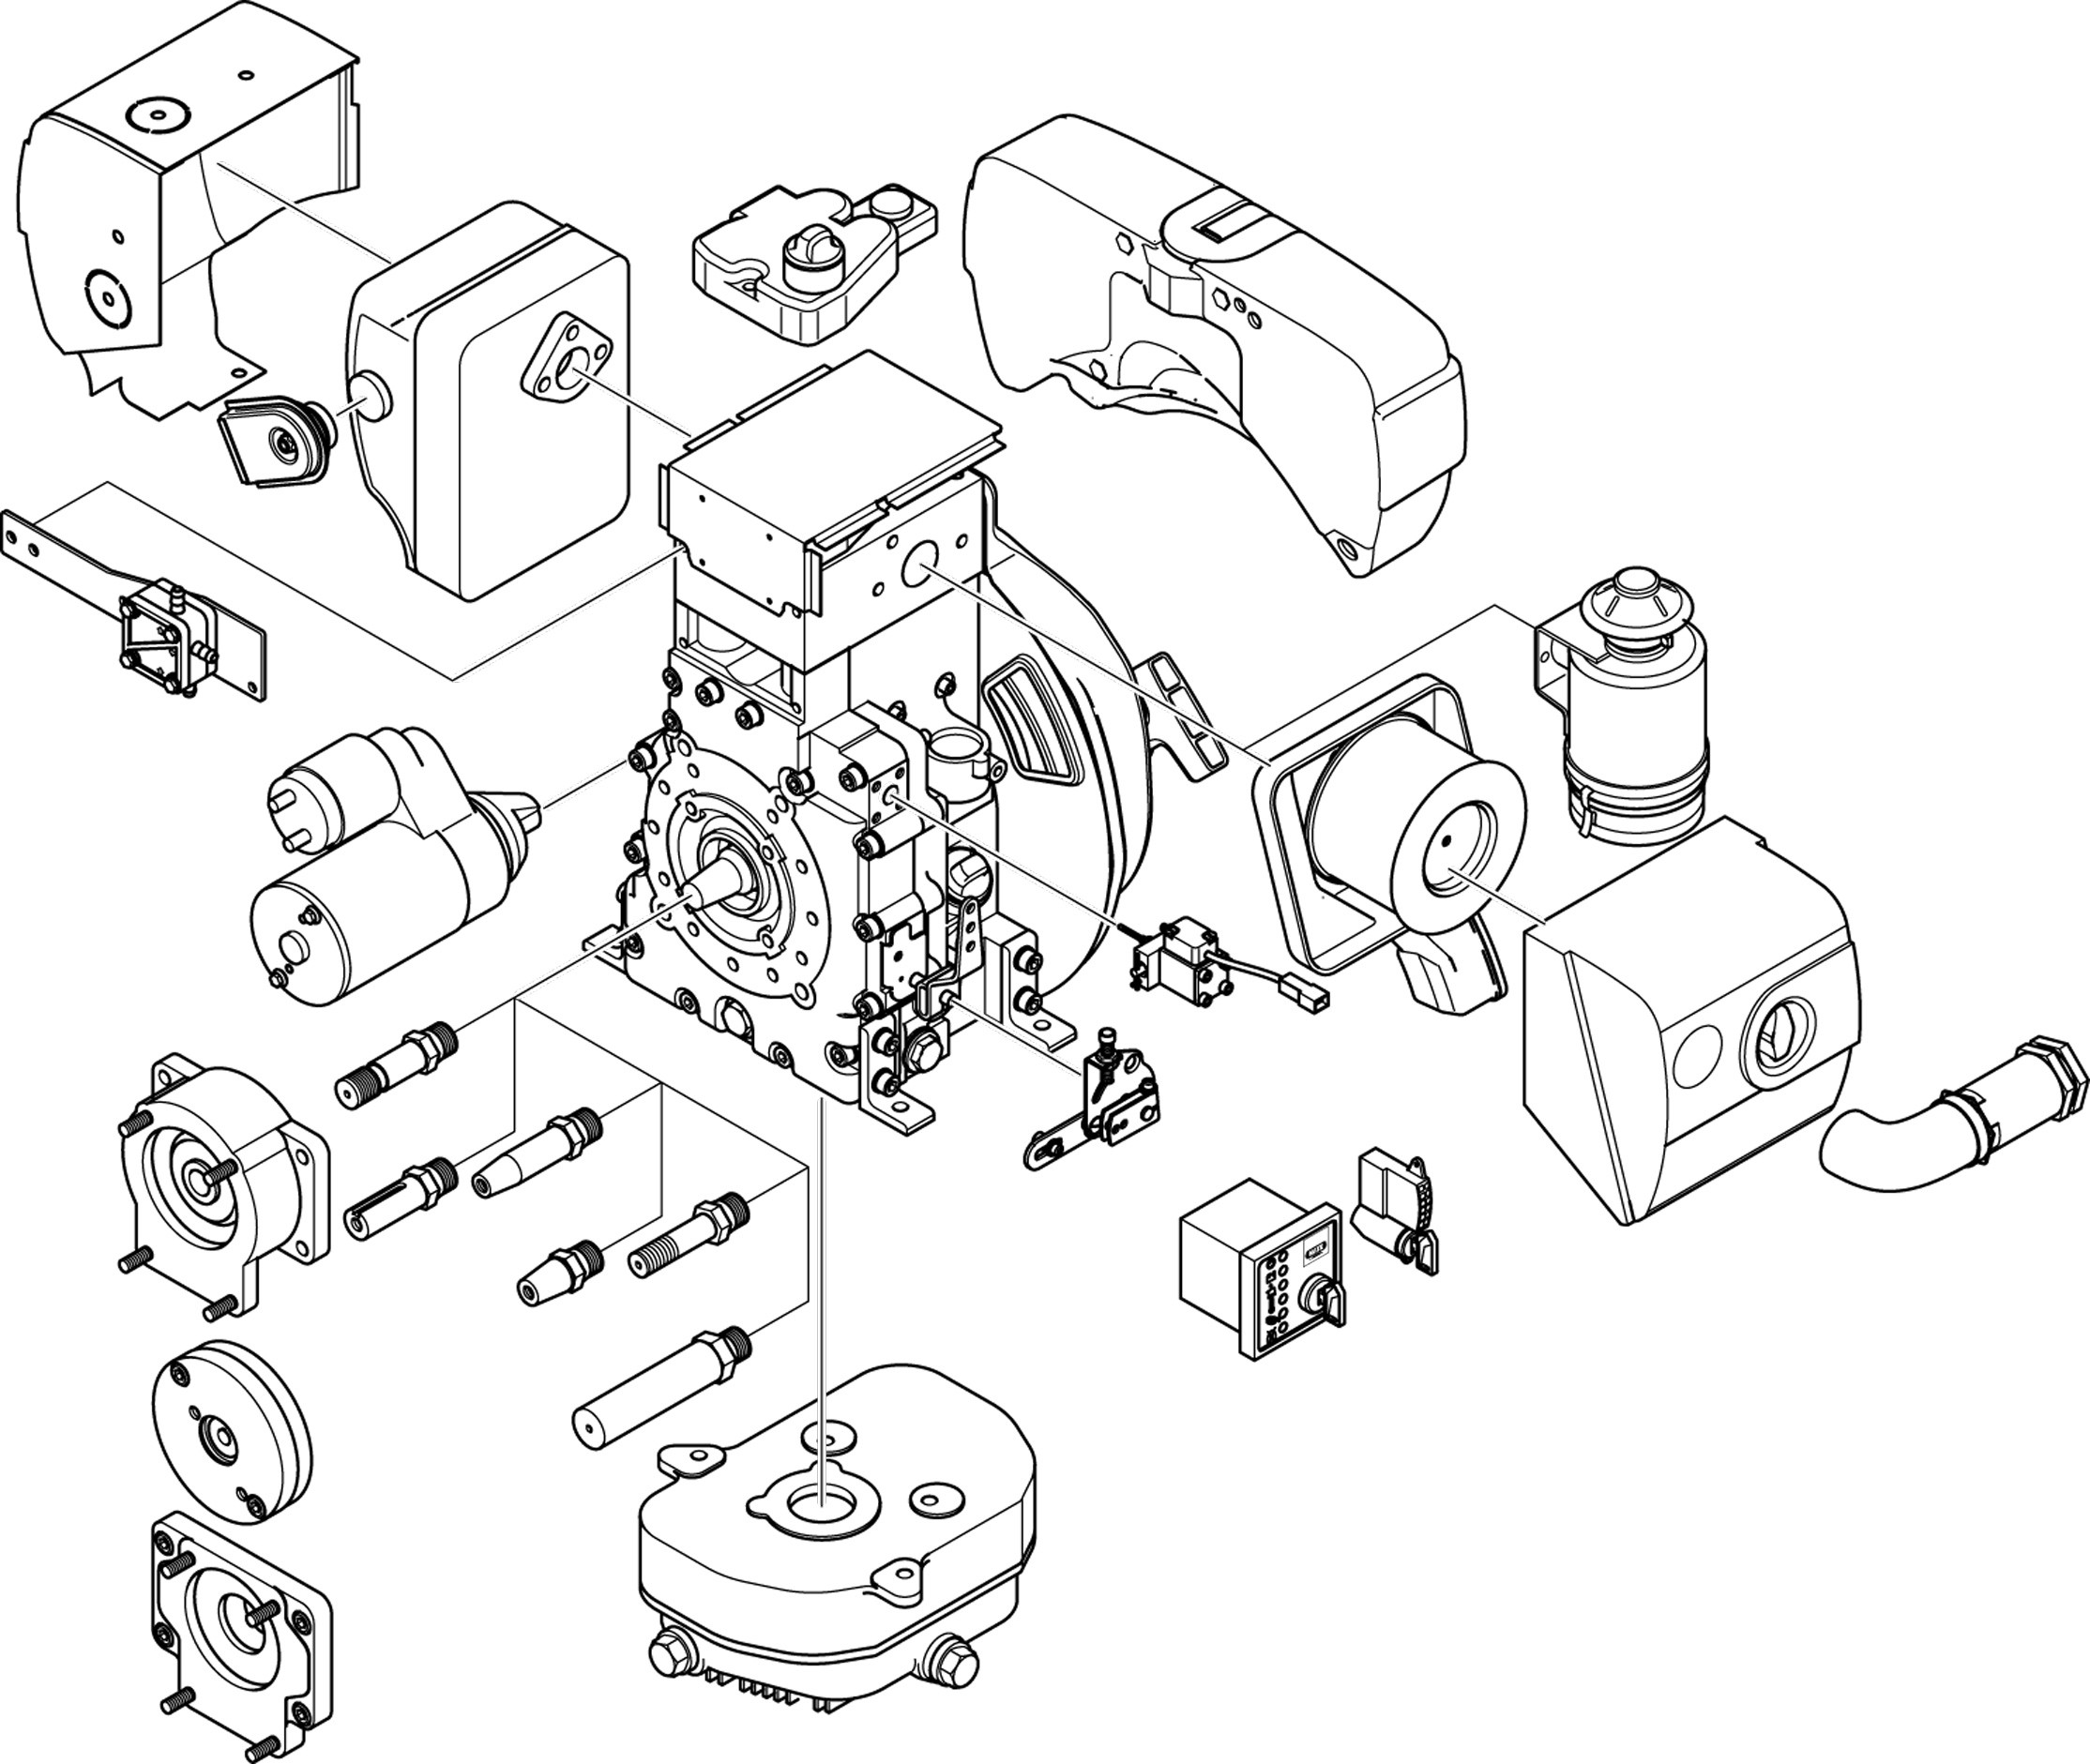 Marine Diesel Engine Diagram Hatz Engine Diagram Another Blog About Wiring Diagram • Of Marine Diesel Engine Diagram